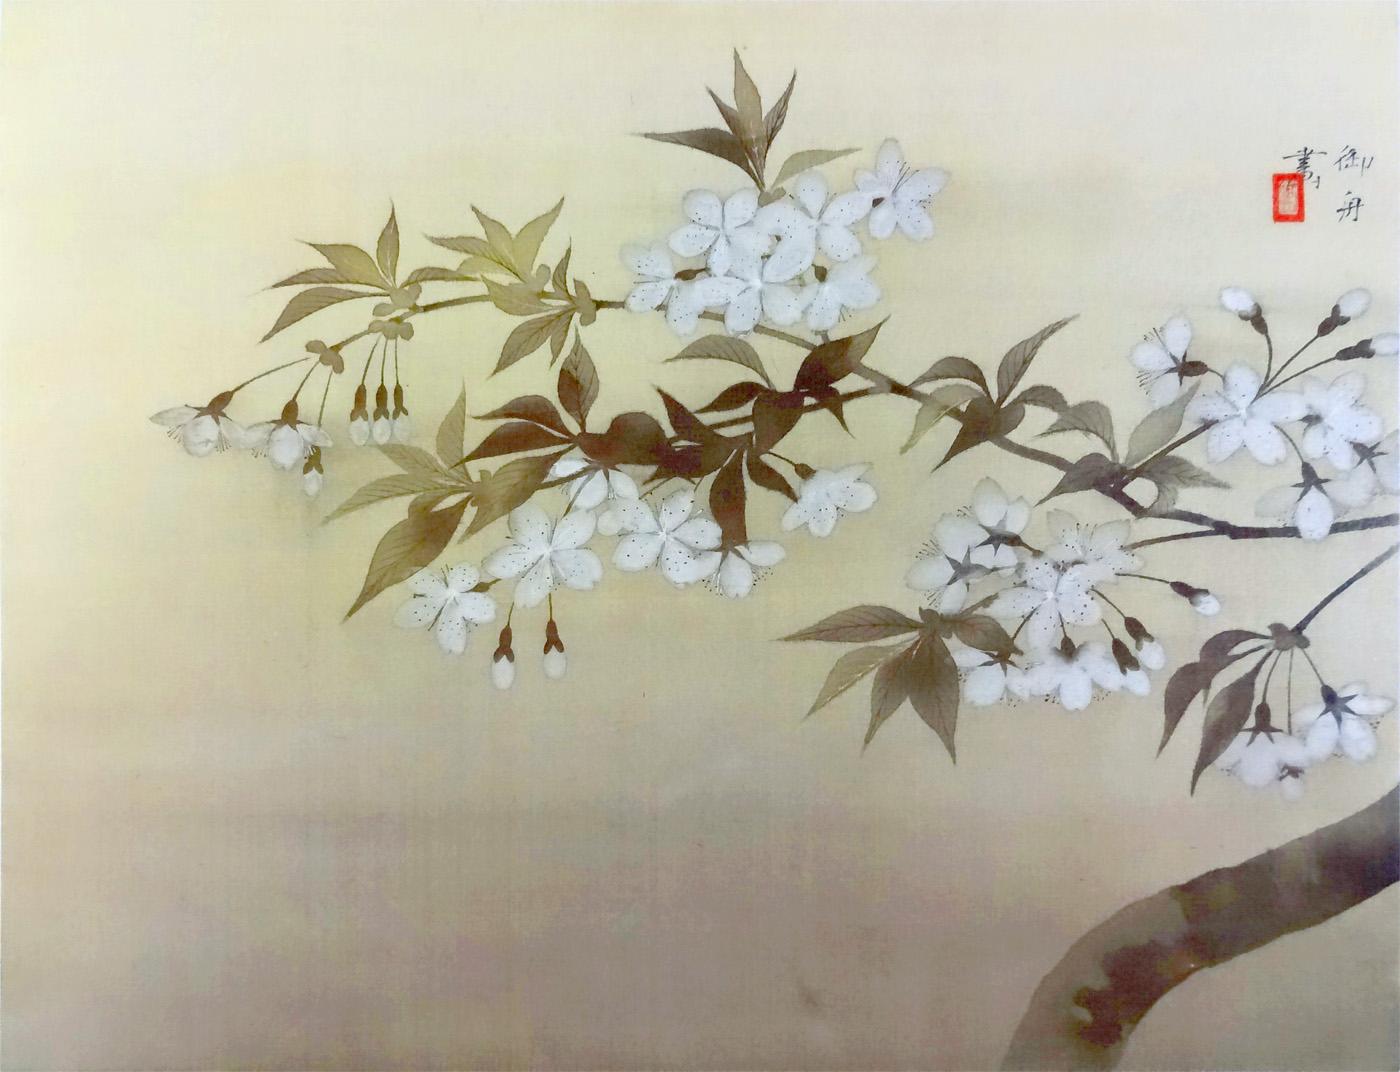 速水御舟:夜桜 : クラシック音楽とアート